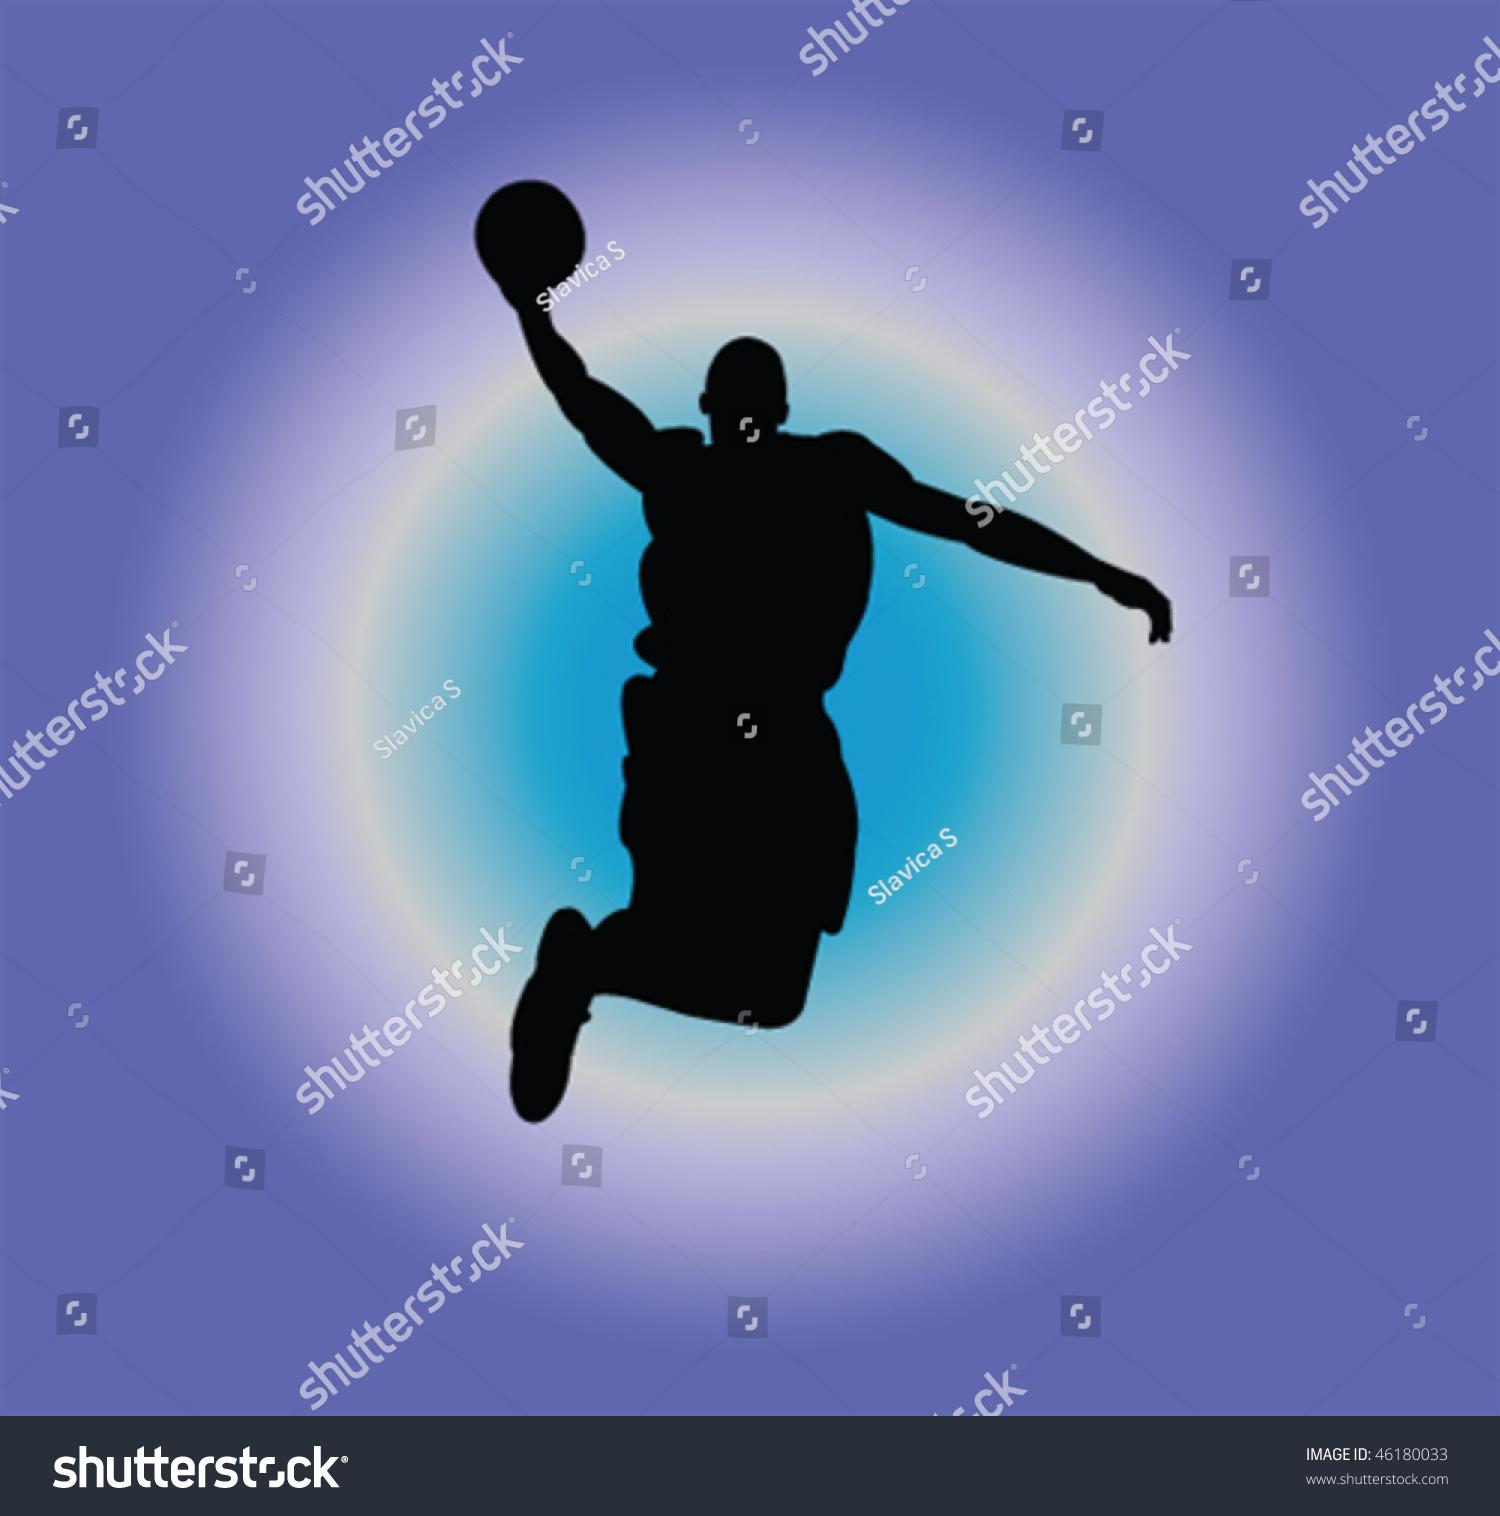 篮球运动员的剪影矢量-运动/娱乐活动,插图/剪贴图-()